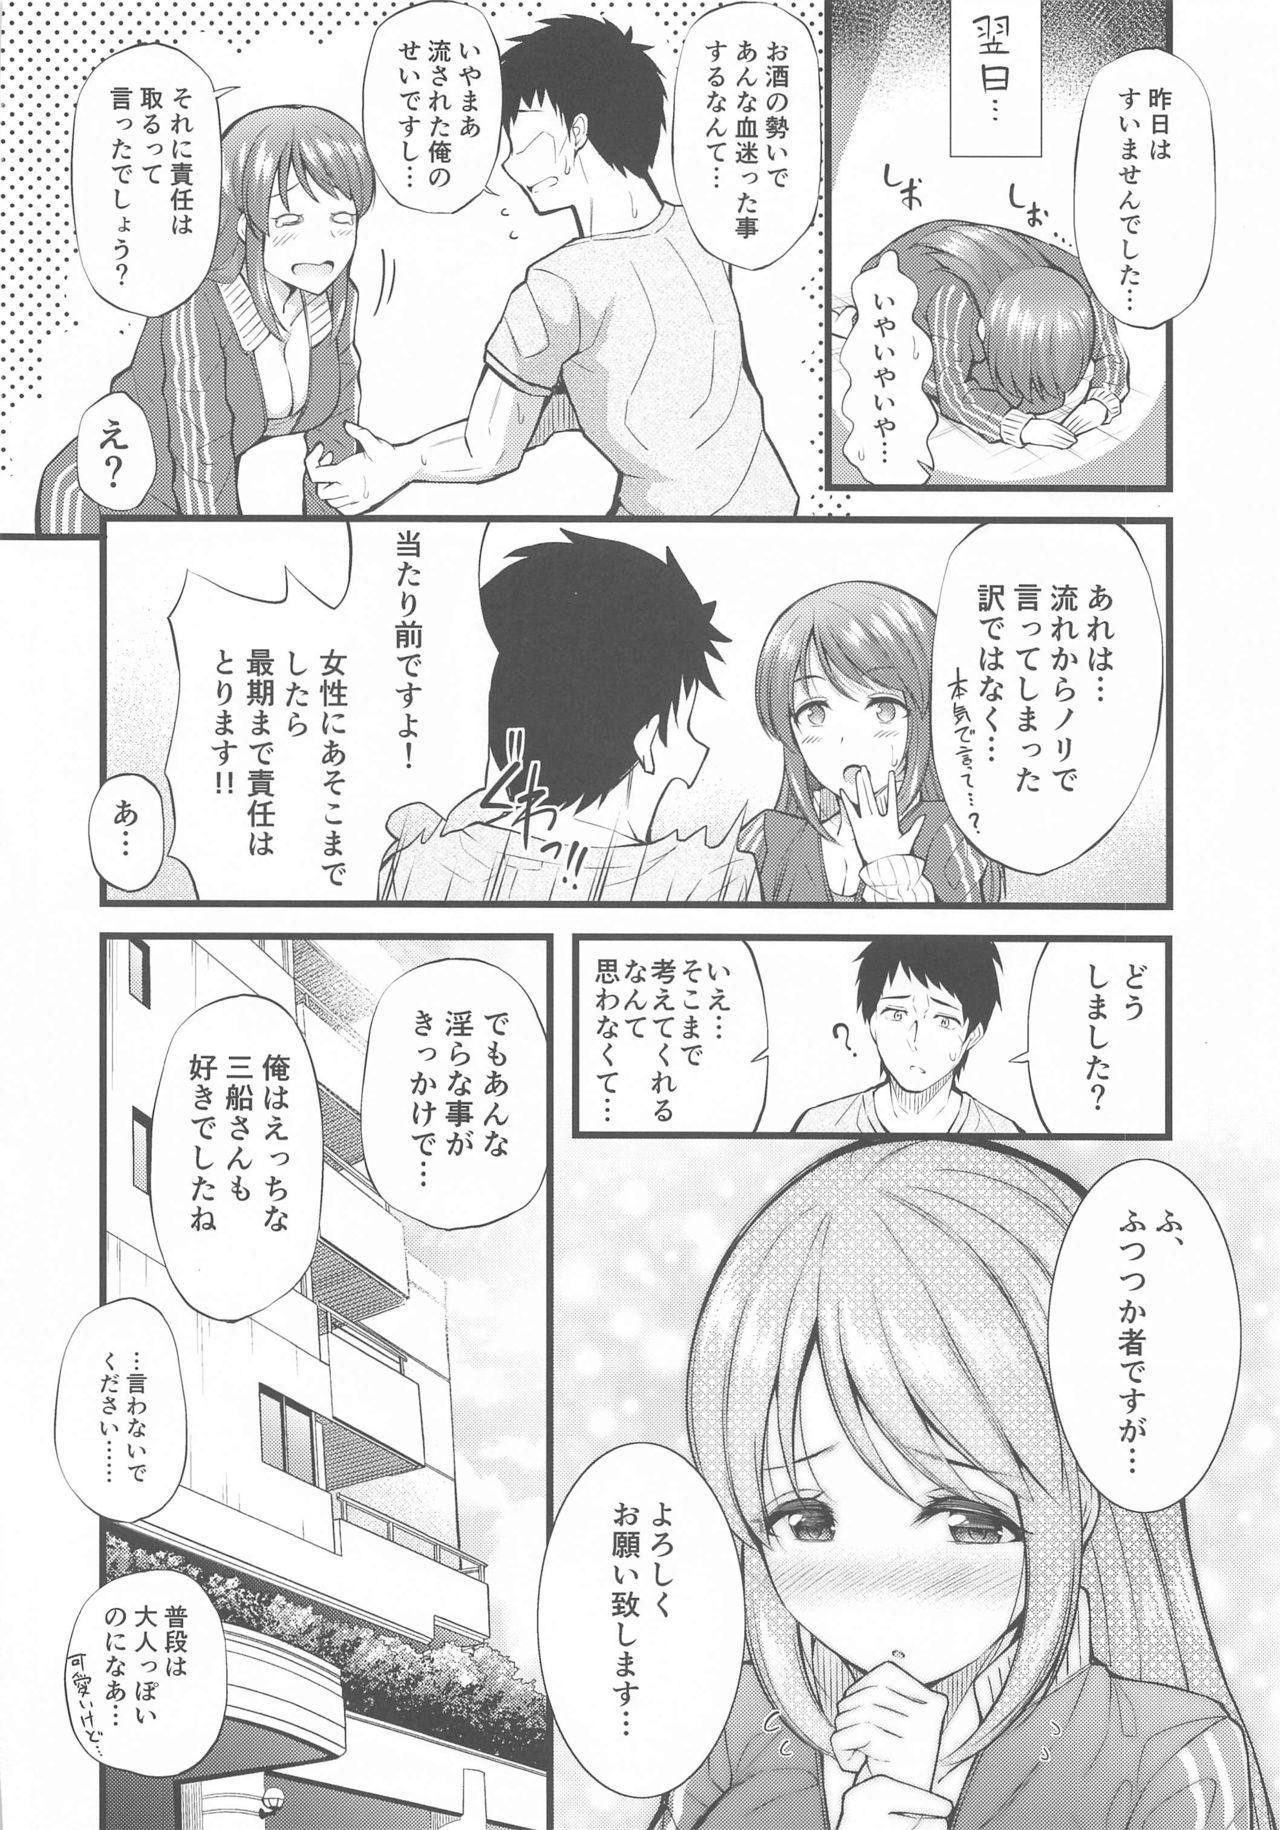 Sake ga Mawatta Mifune-san to Ecchi na Koto Suru Hon 20